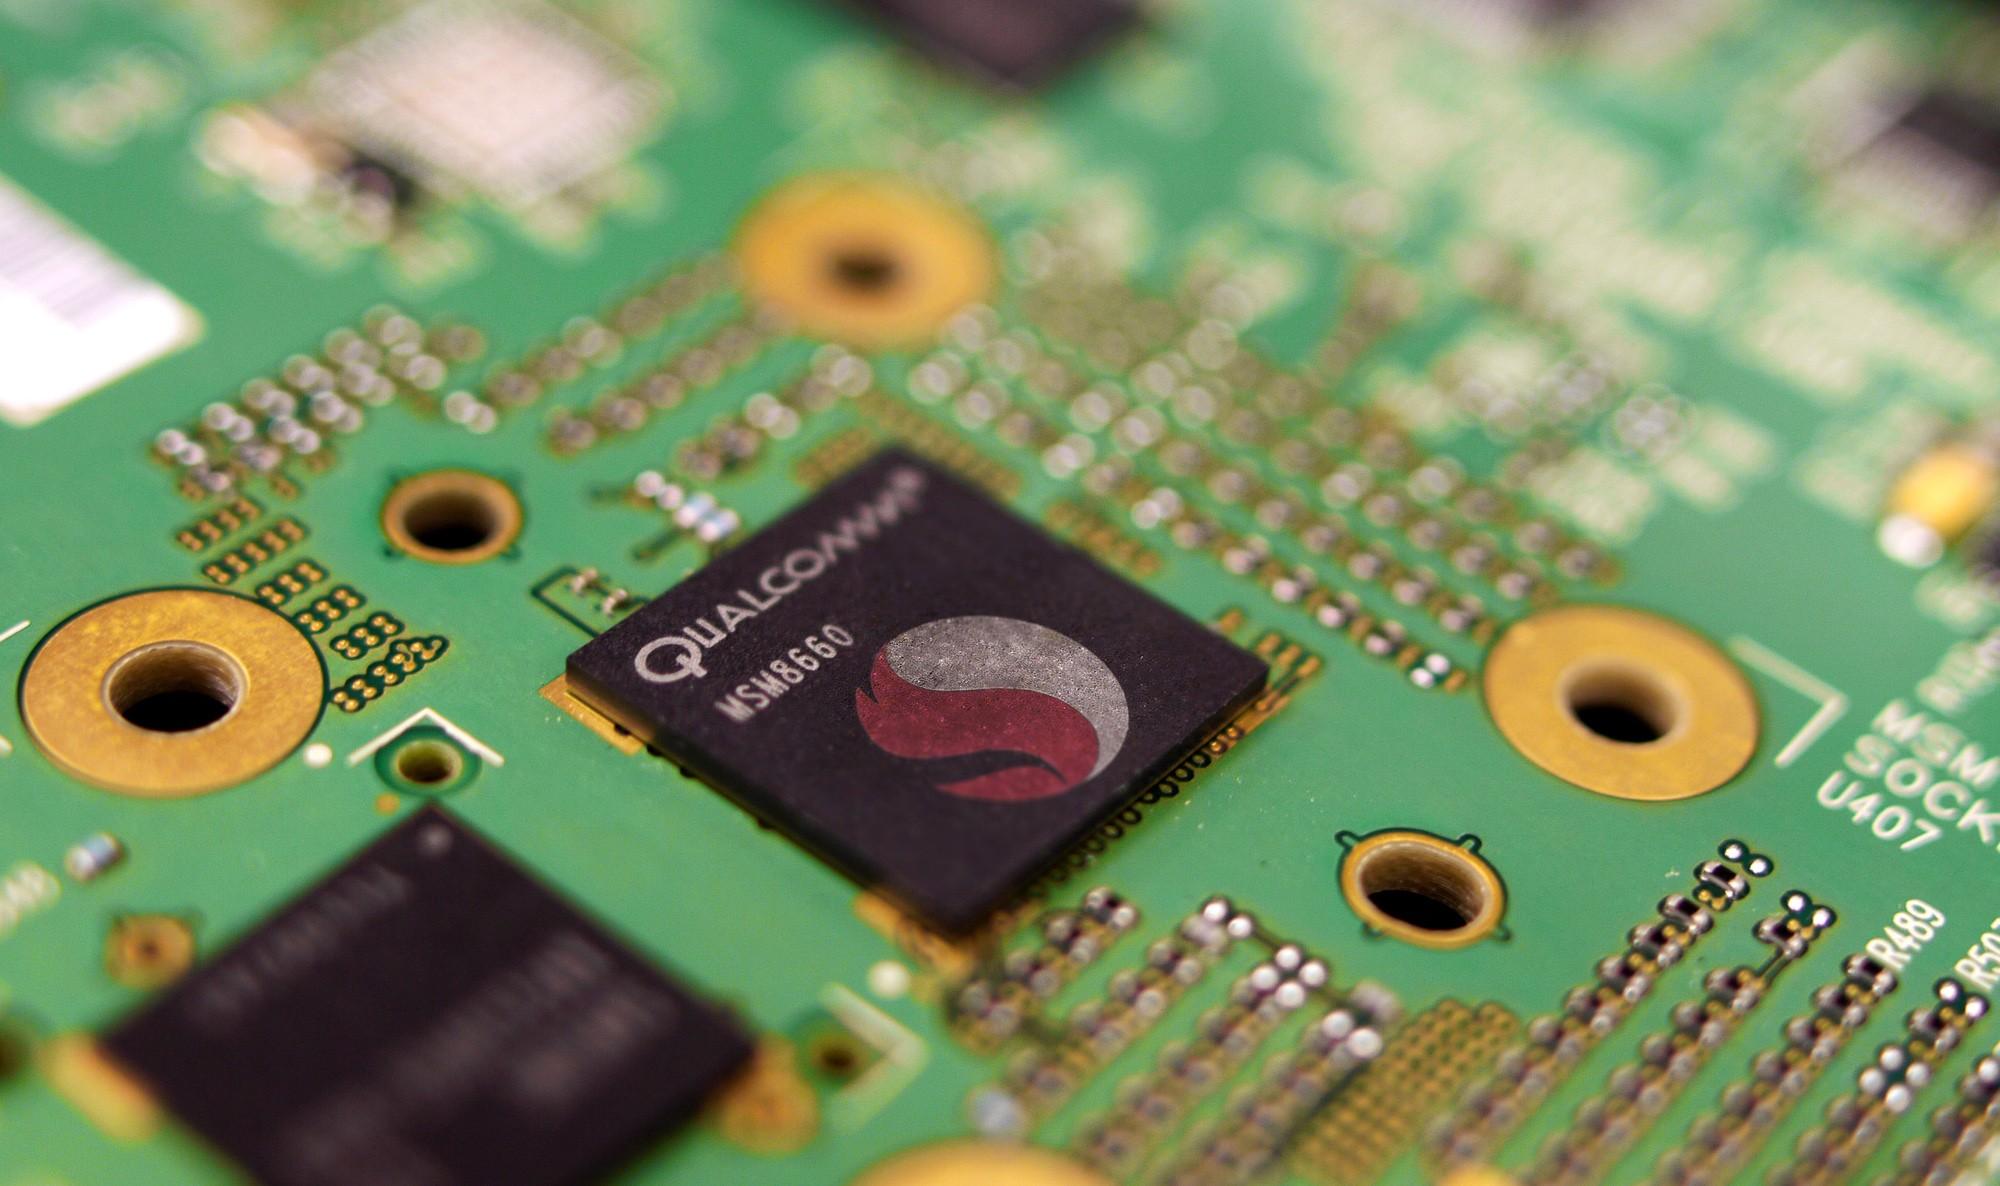 image0014 - Samsung Galaxy S6, LG G4 có thể bị hoãn do chip Snapdragon 810